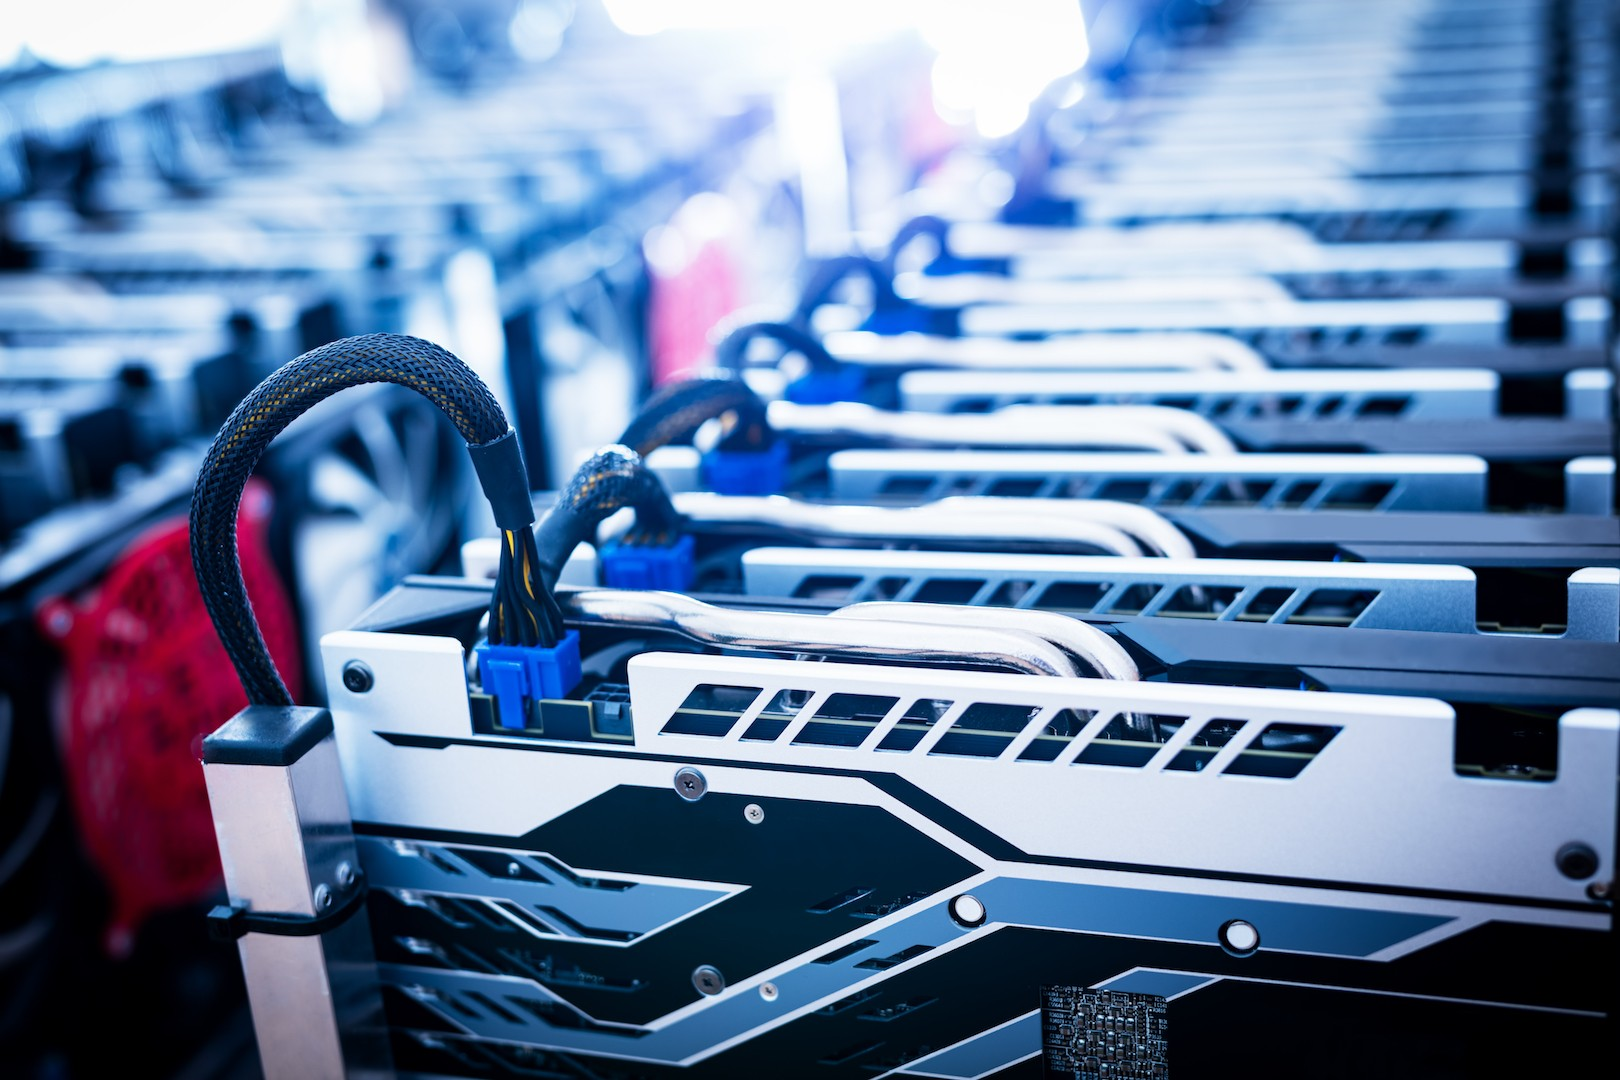 A blockchain ajuda a reduzir custos nas empresas